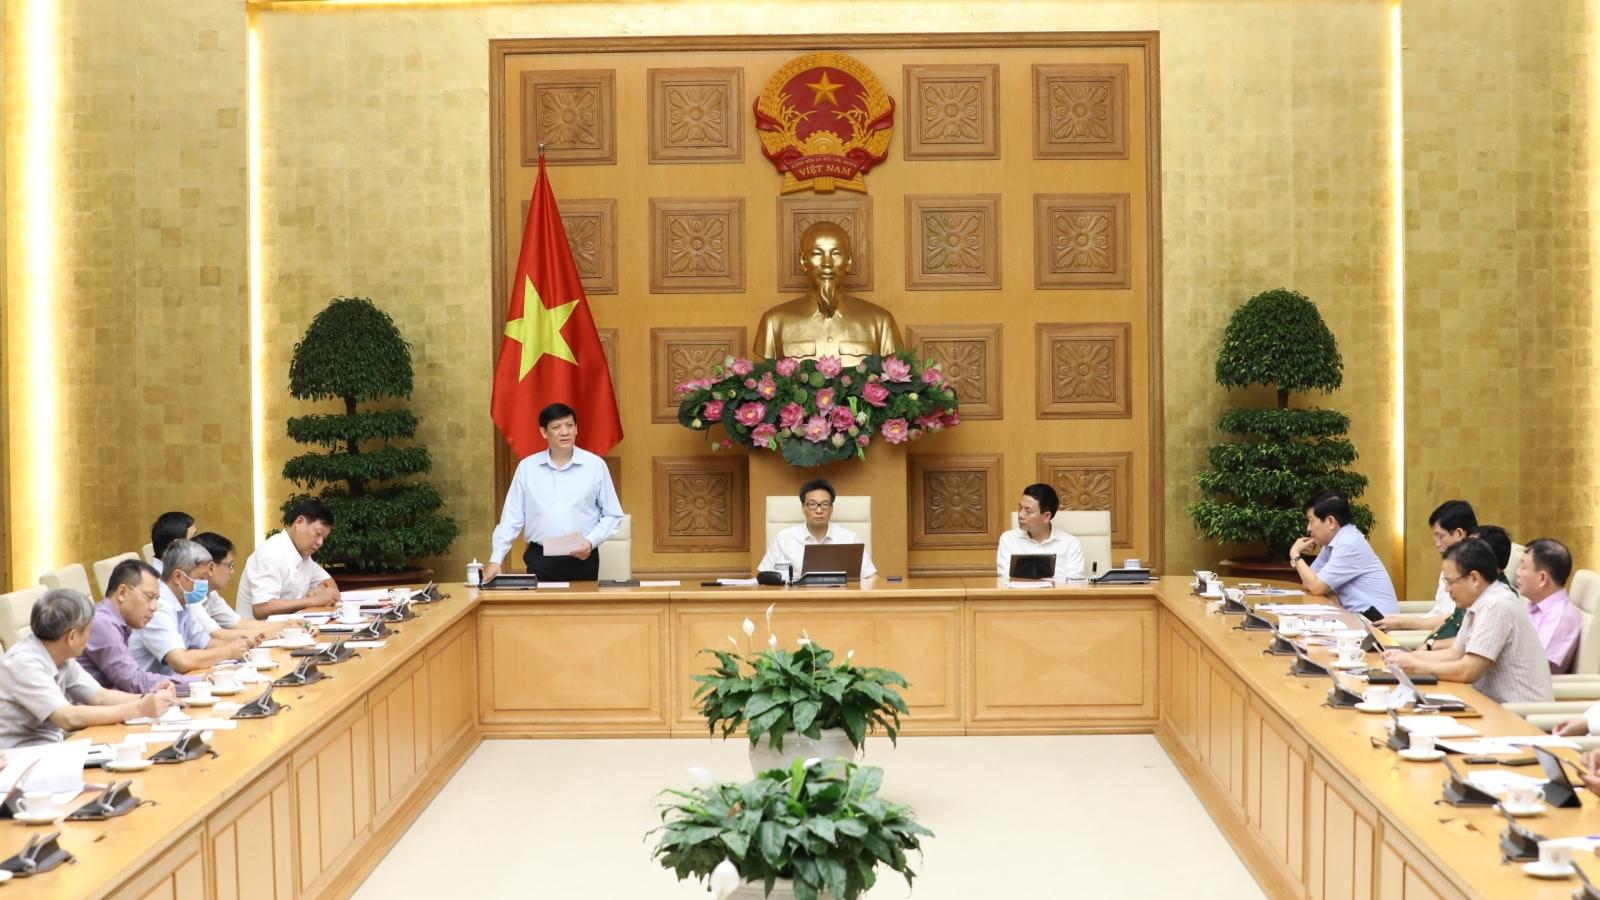 Dập dịch Covid-19 tại các bệnh viện Đà Nẵng như từng làm tại Bạch Mai